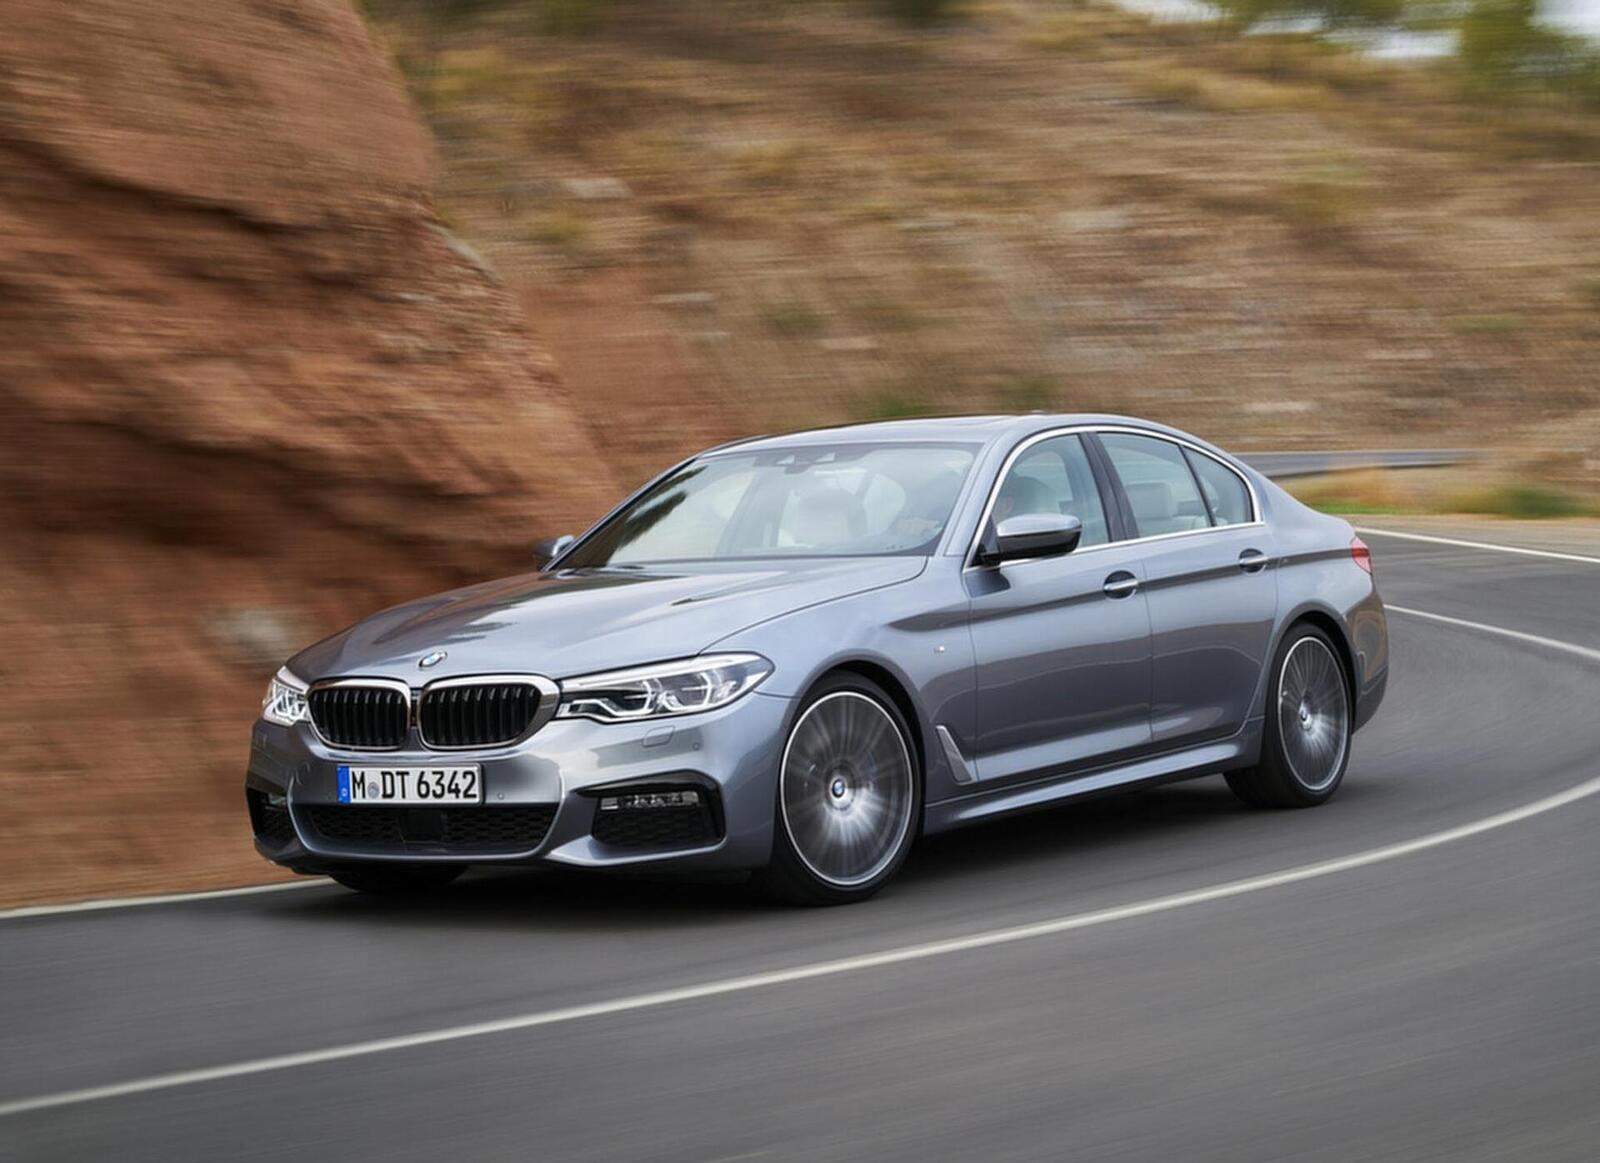 Lộ giá bán của BMW 520i và 530i thế hệ mới tại Việt Nam; từ 2,389 đến 3,069 tỷ đồng - Hình 5